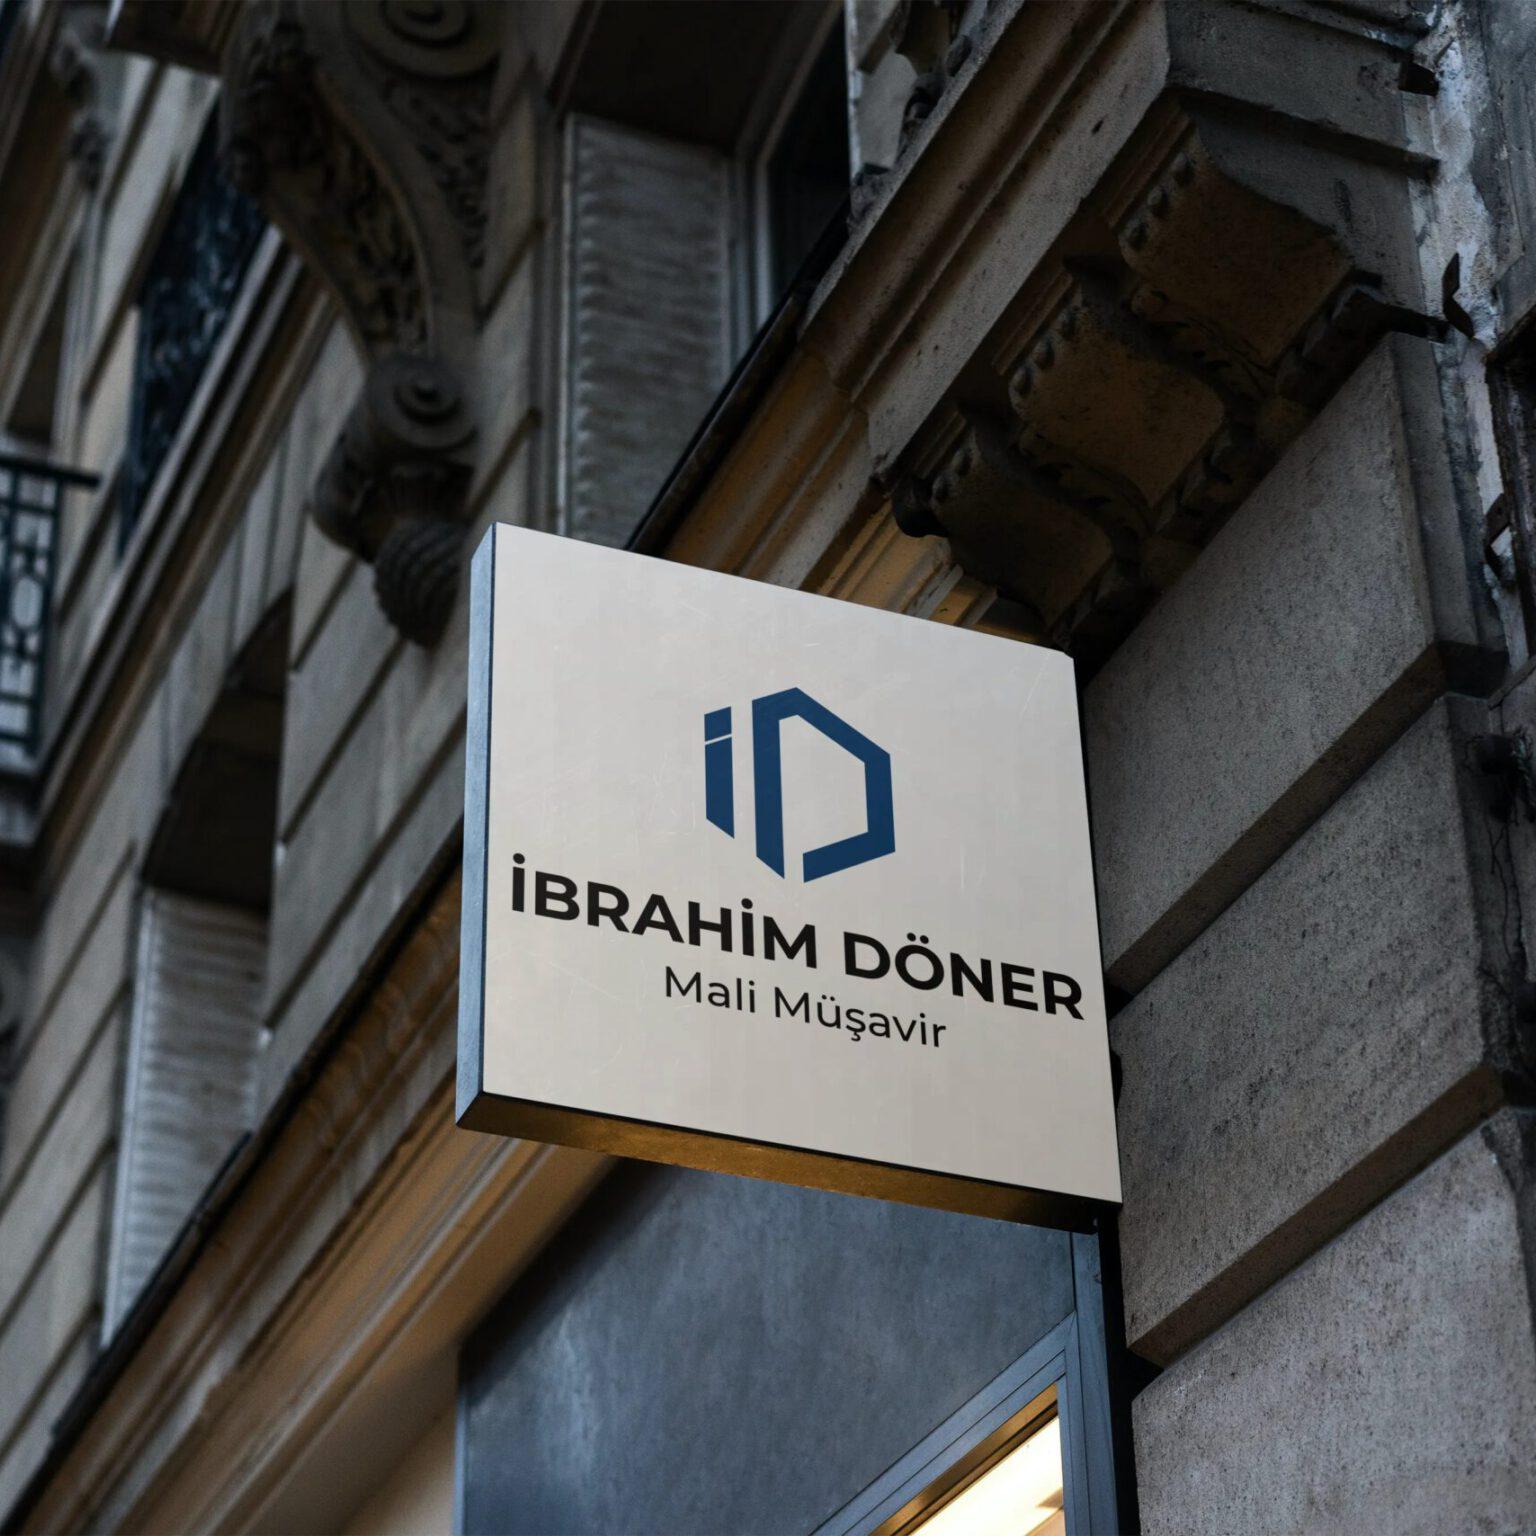 ibrahim-doner-iletisim-logo-tabela